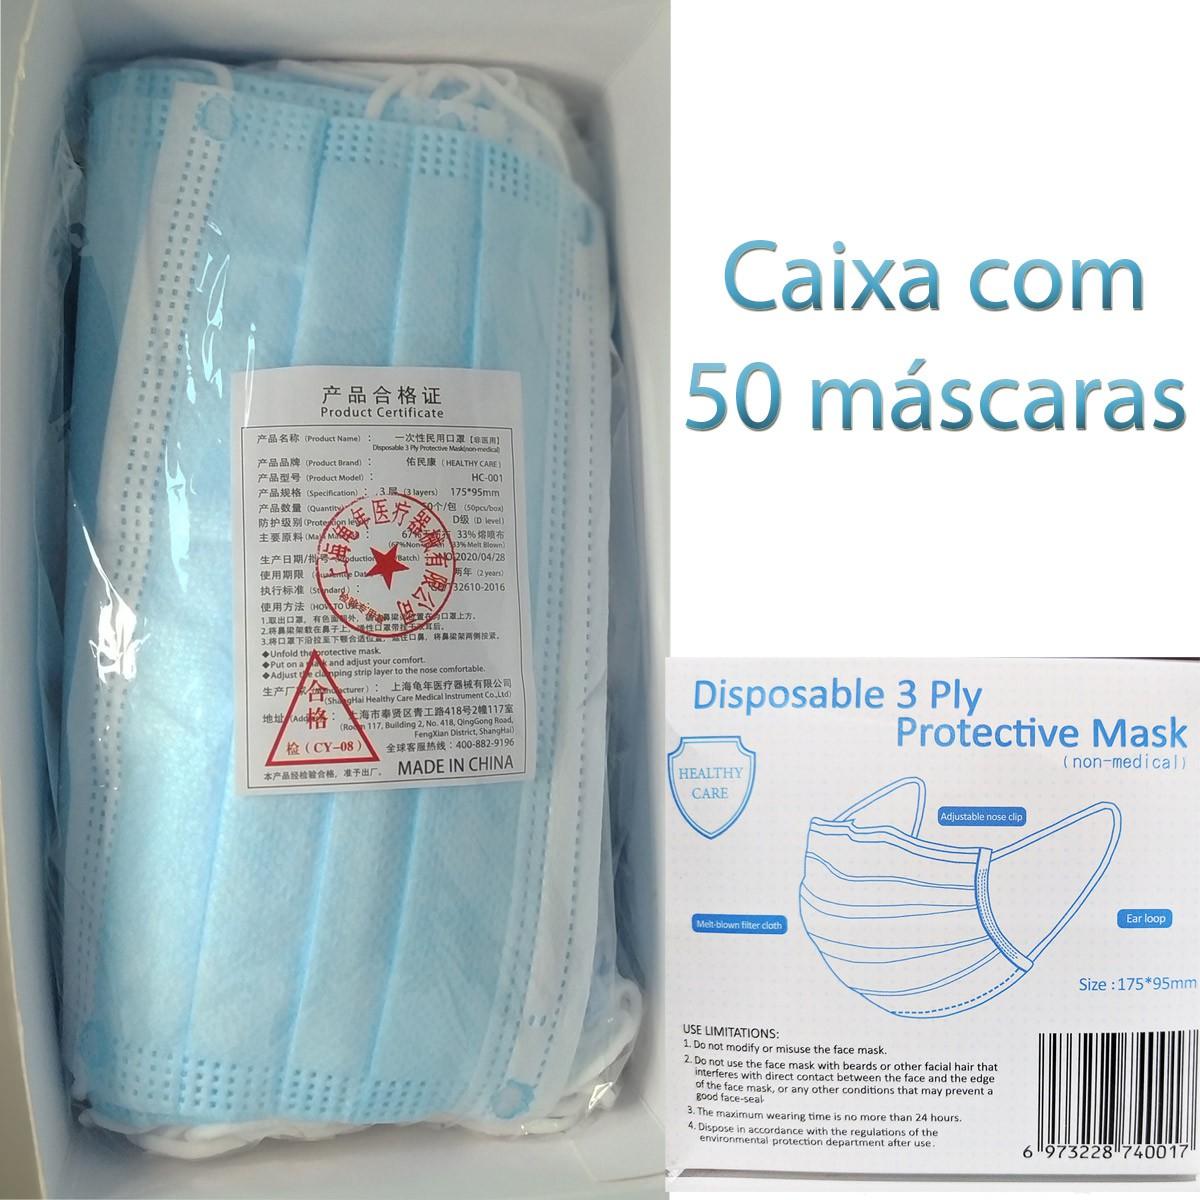 Máscara Facial Importada Com Tripla Camada De Proteção (S. M. S.) Cx 50 Unid  - Loja Saúde -Diagnósticos